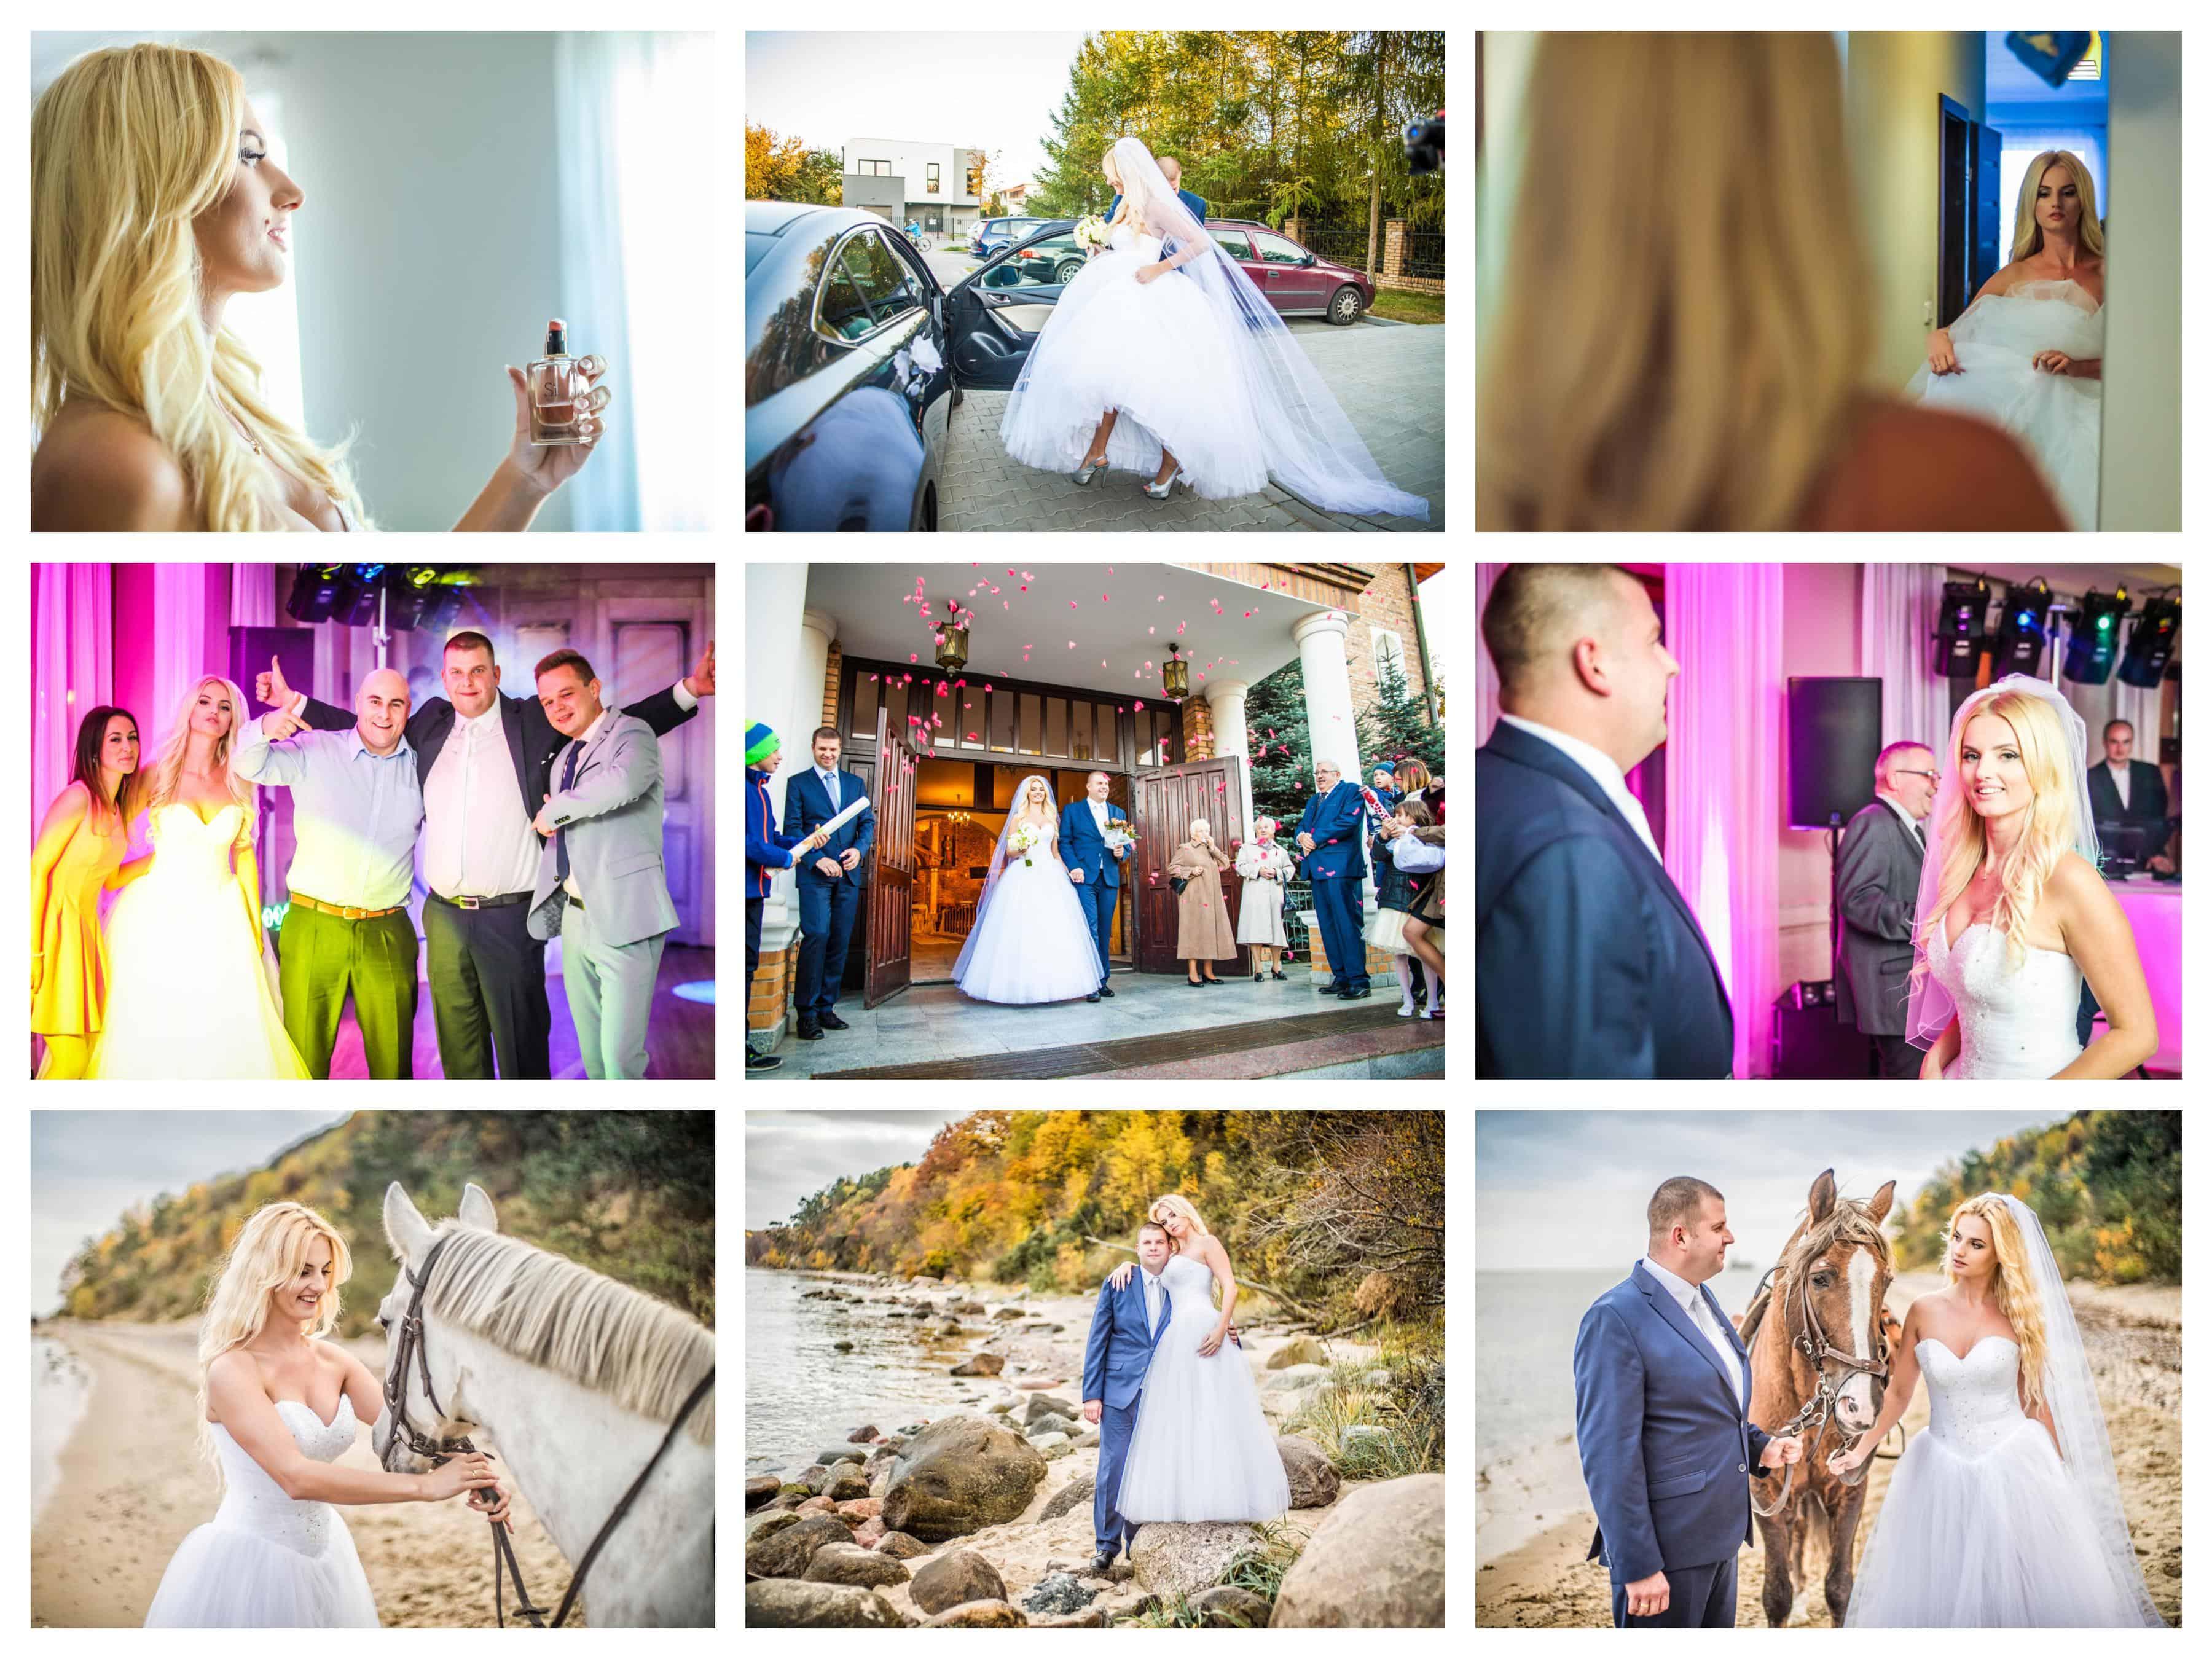 fotografia-slubna-z-ceremonii-moniki-i-jakuba-bydgoszcz-grupa-5d-131_fotor_collage